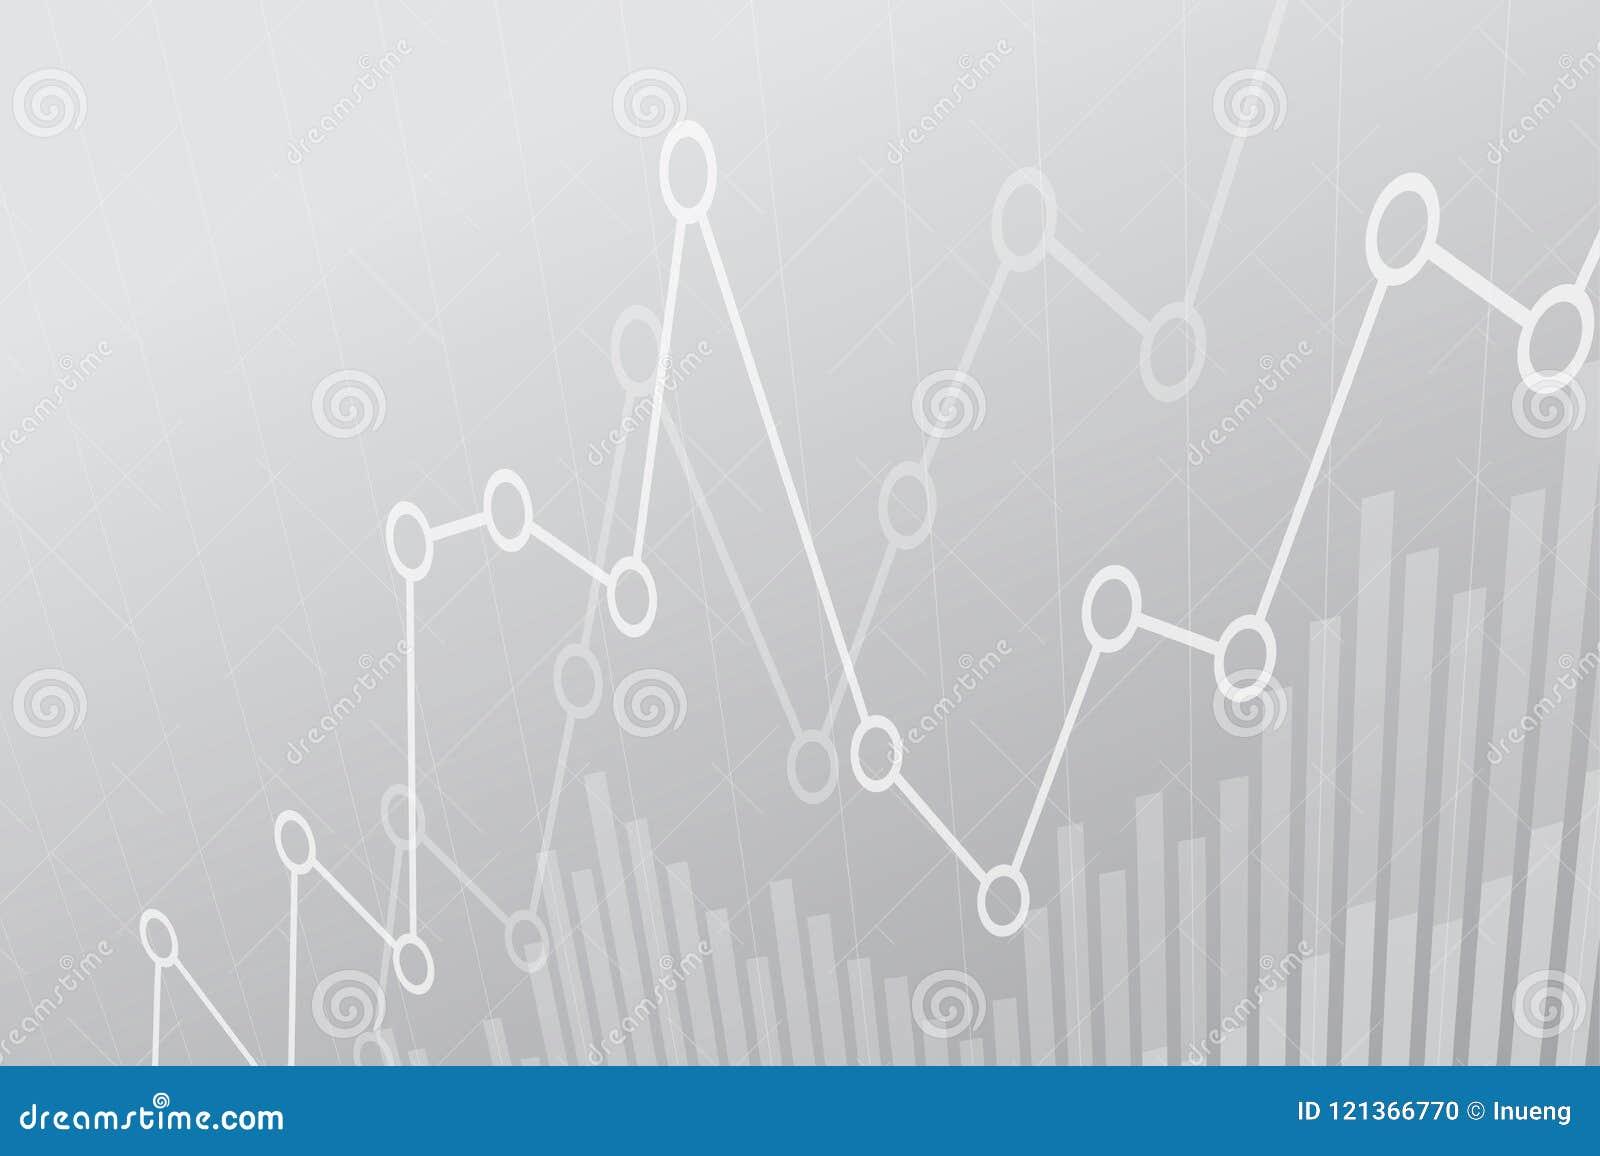 Abstraktes Finanzdiagramm mit Aufwärtstrendlinie Diagramm auf grauem Hintergrund